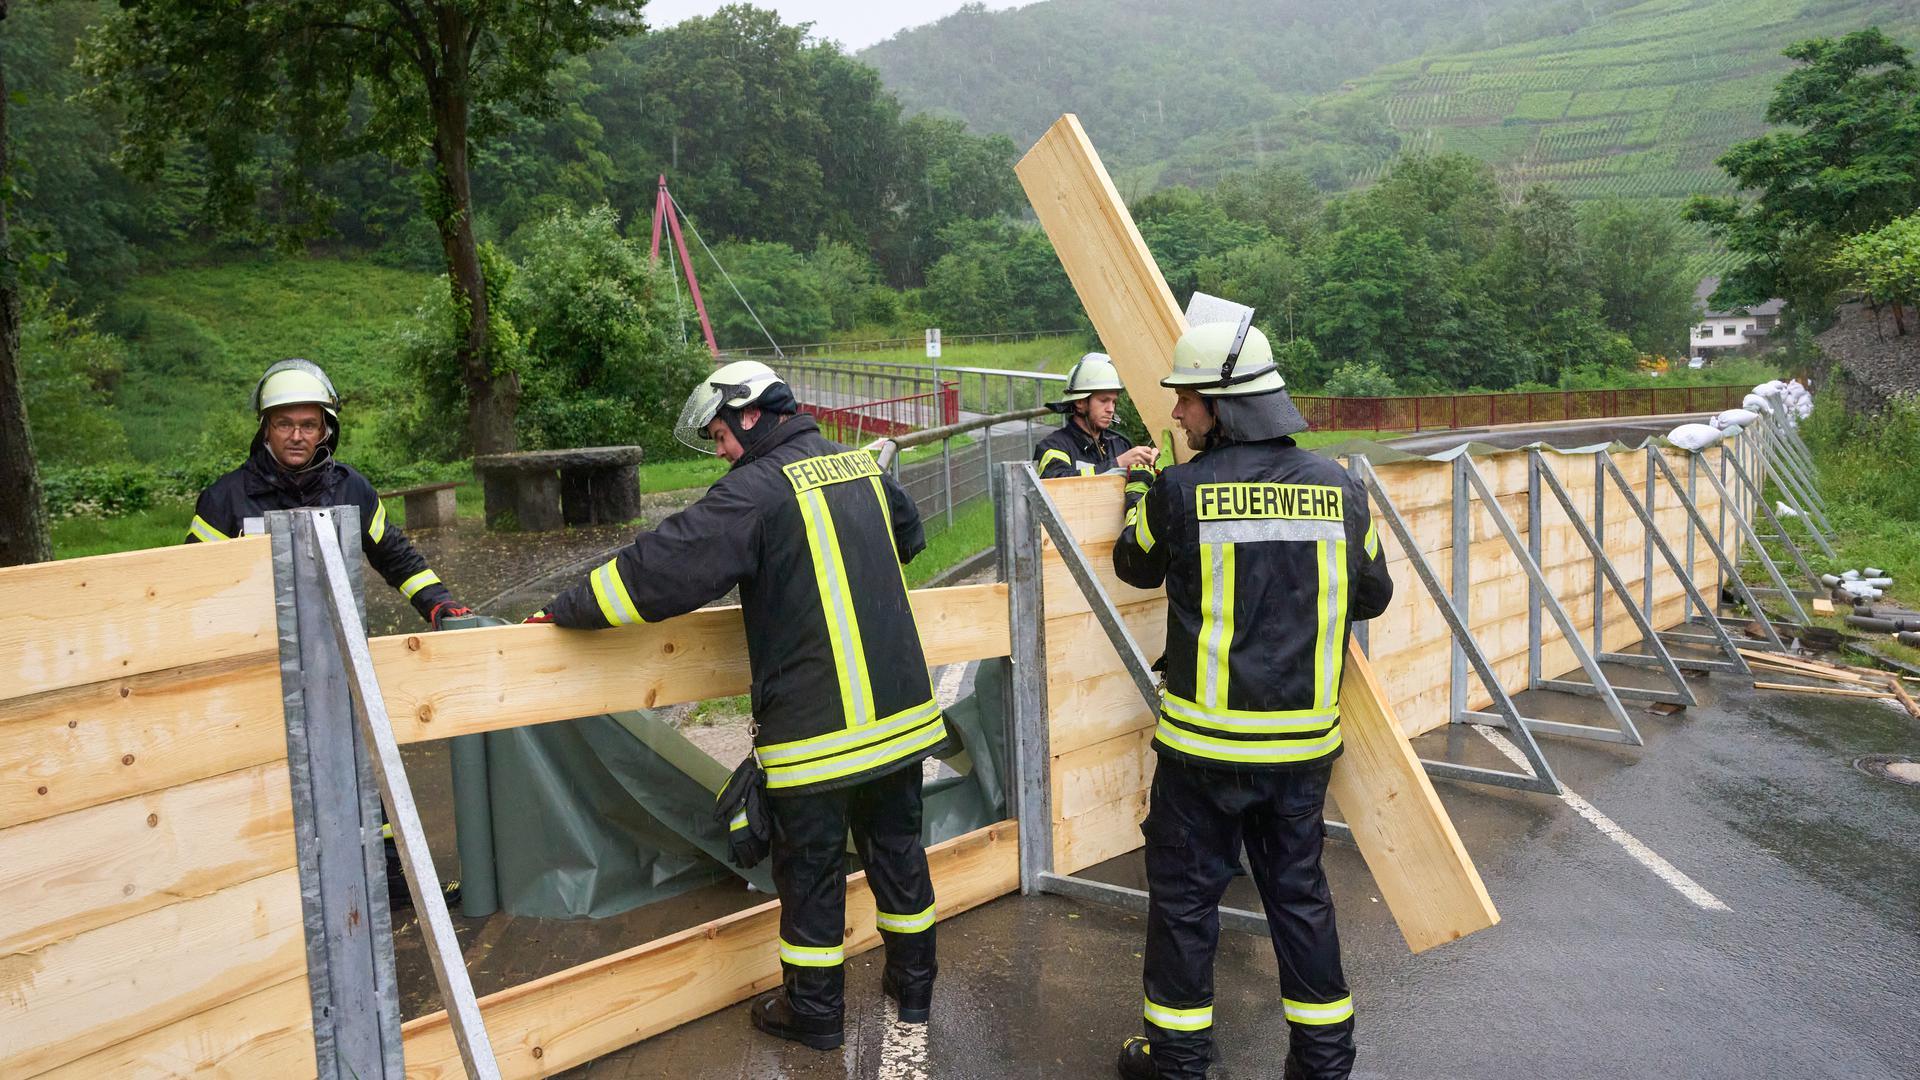 Feuerwehrleute errichten im Ahrtal bei Mayschoss eine Sperrwand aus Holz. Sie soll verhindern, dass das Hochwasser der Ahr in den Ort läuft.